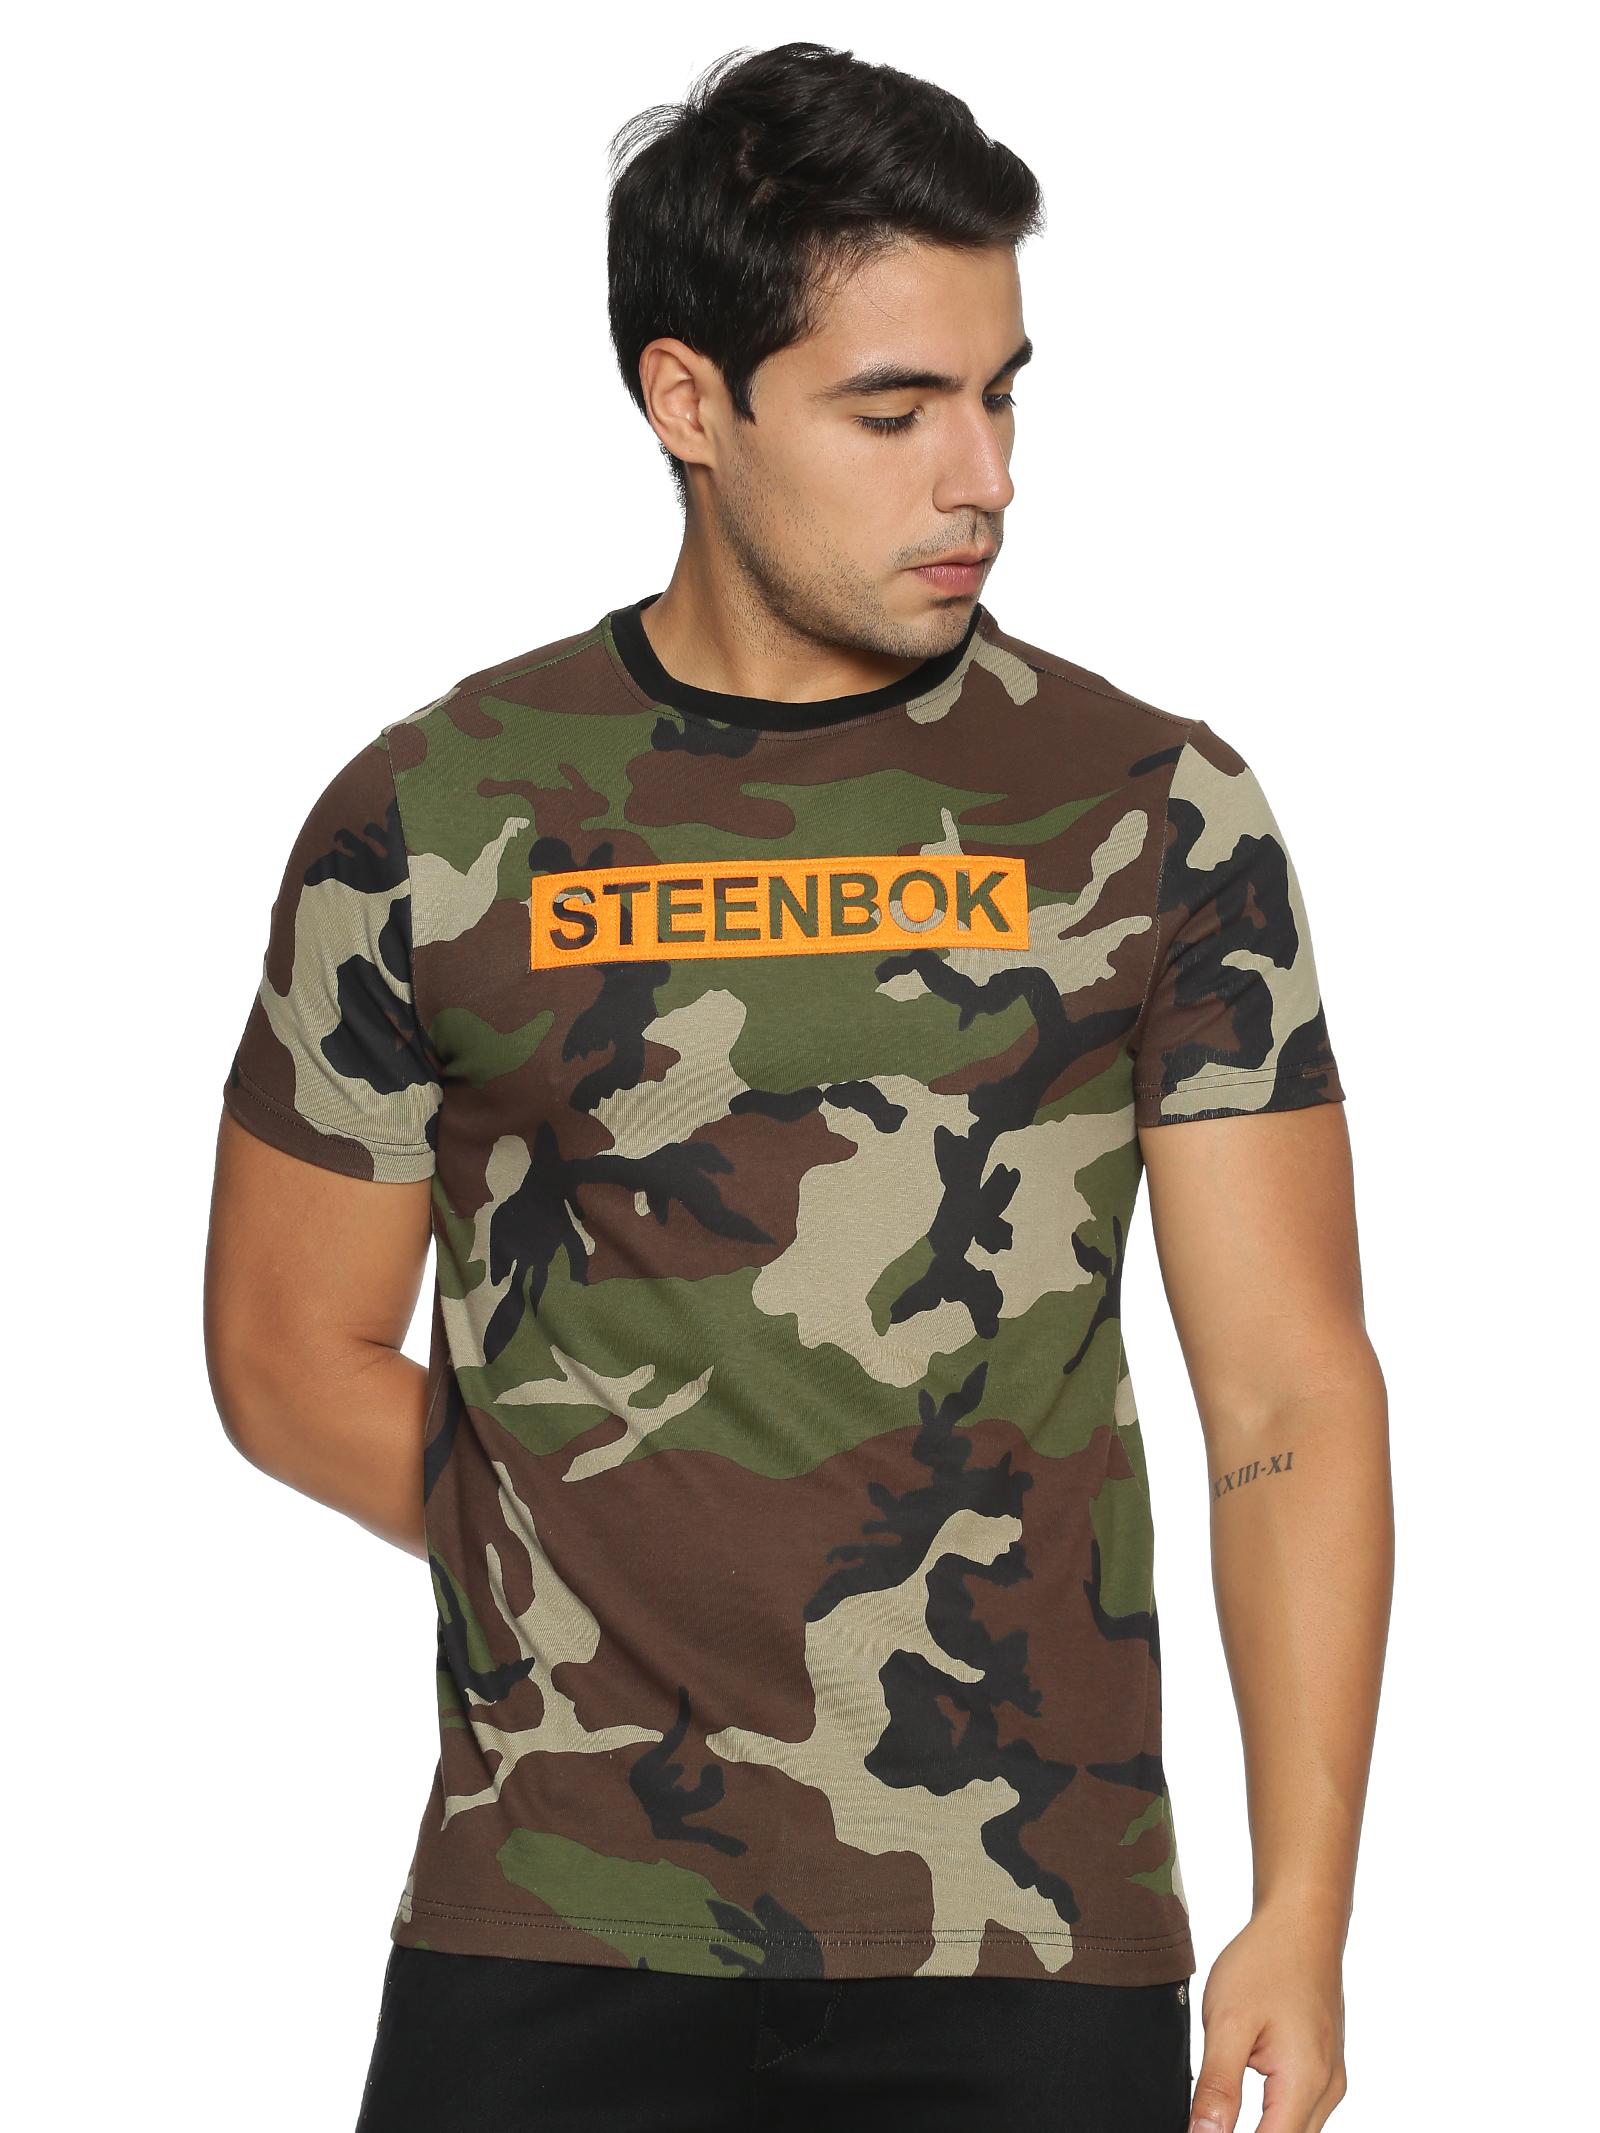 Steenbok | Men's Camo Printed t-shirt